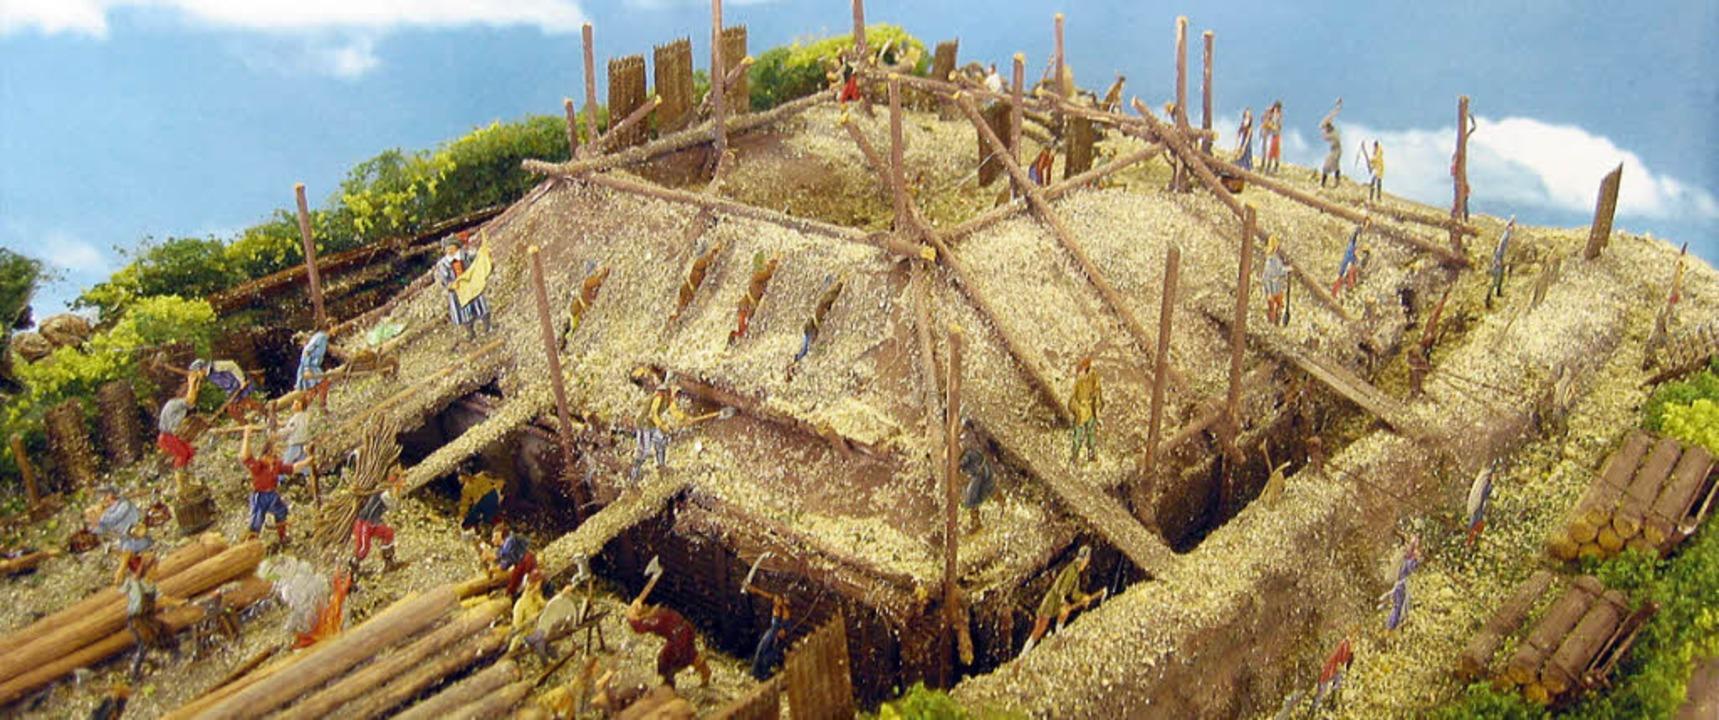 Schanzbauern errichten eine Redoute: D...ms im Karlsruher Schloss ausgestellt.   | Foto: AG Minifossi